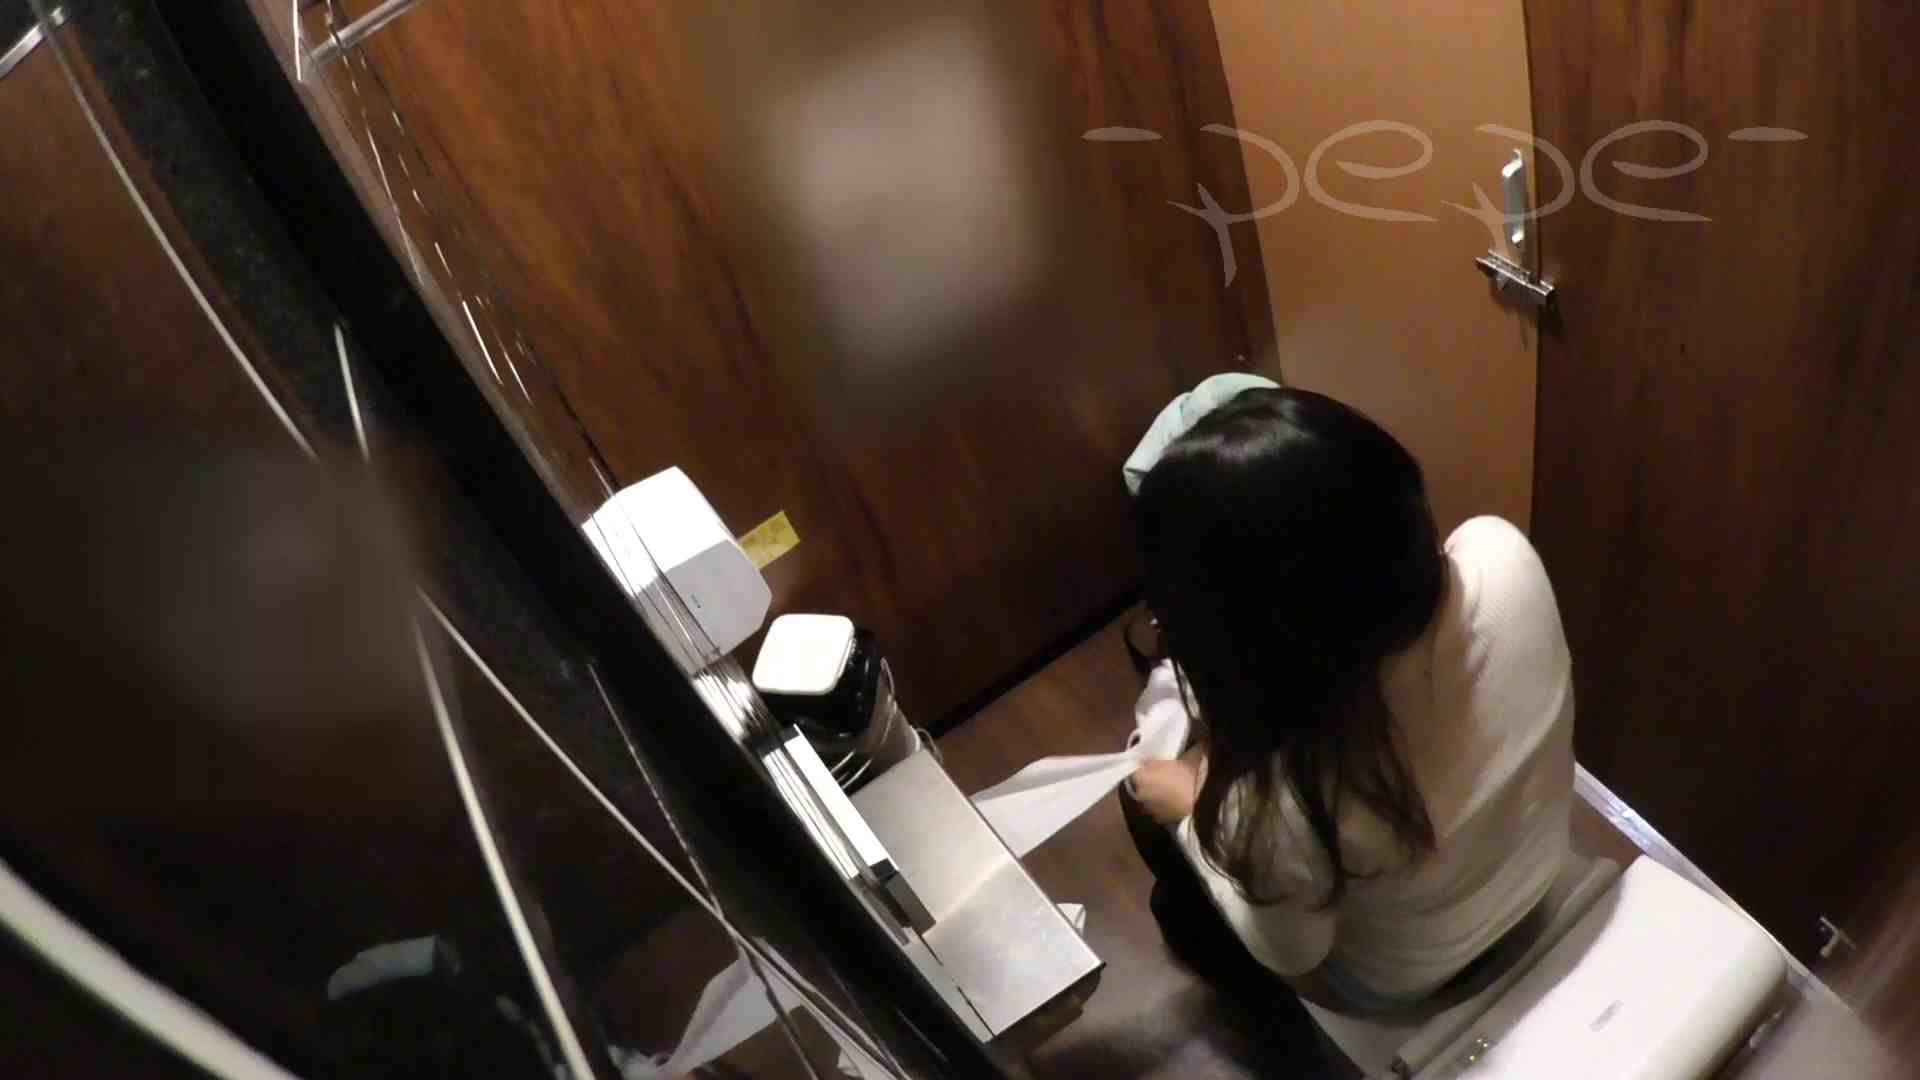 巨乳 乳首:至高洗面所盗撮 29 至高店内撮り 見せますpepeの技!!:怪盗ジョーカー